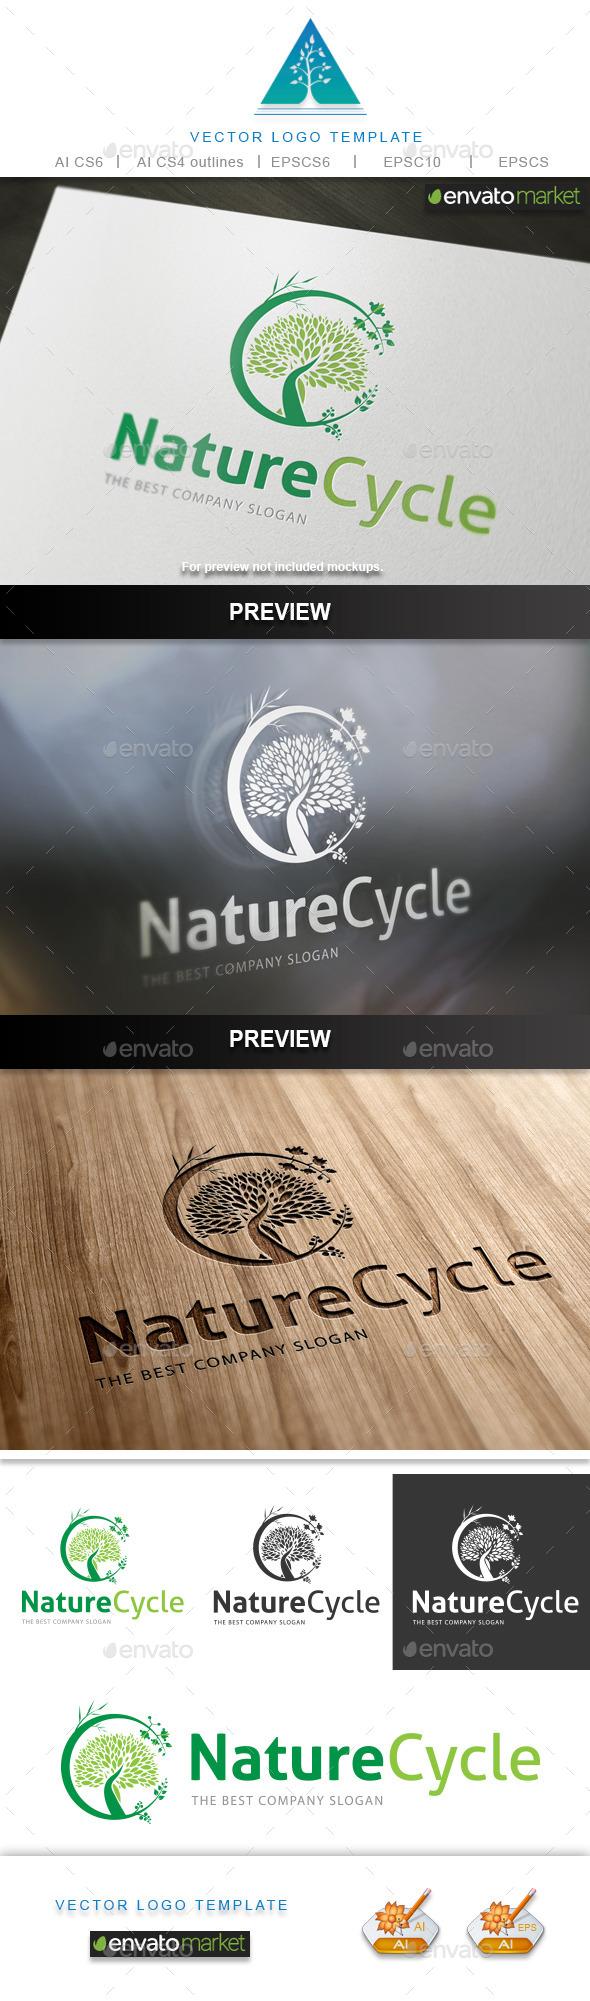 Nature Cycle Logo